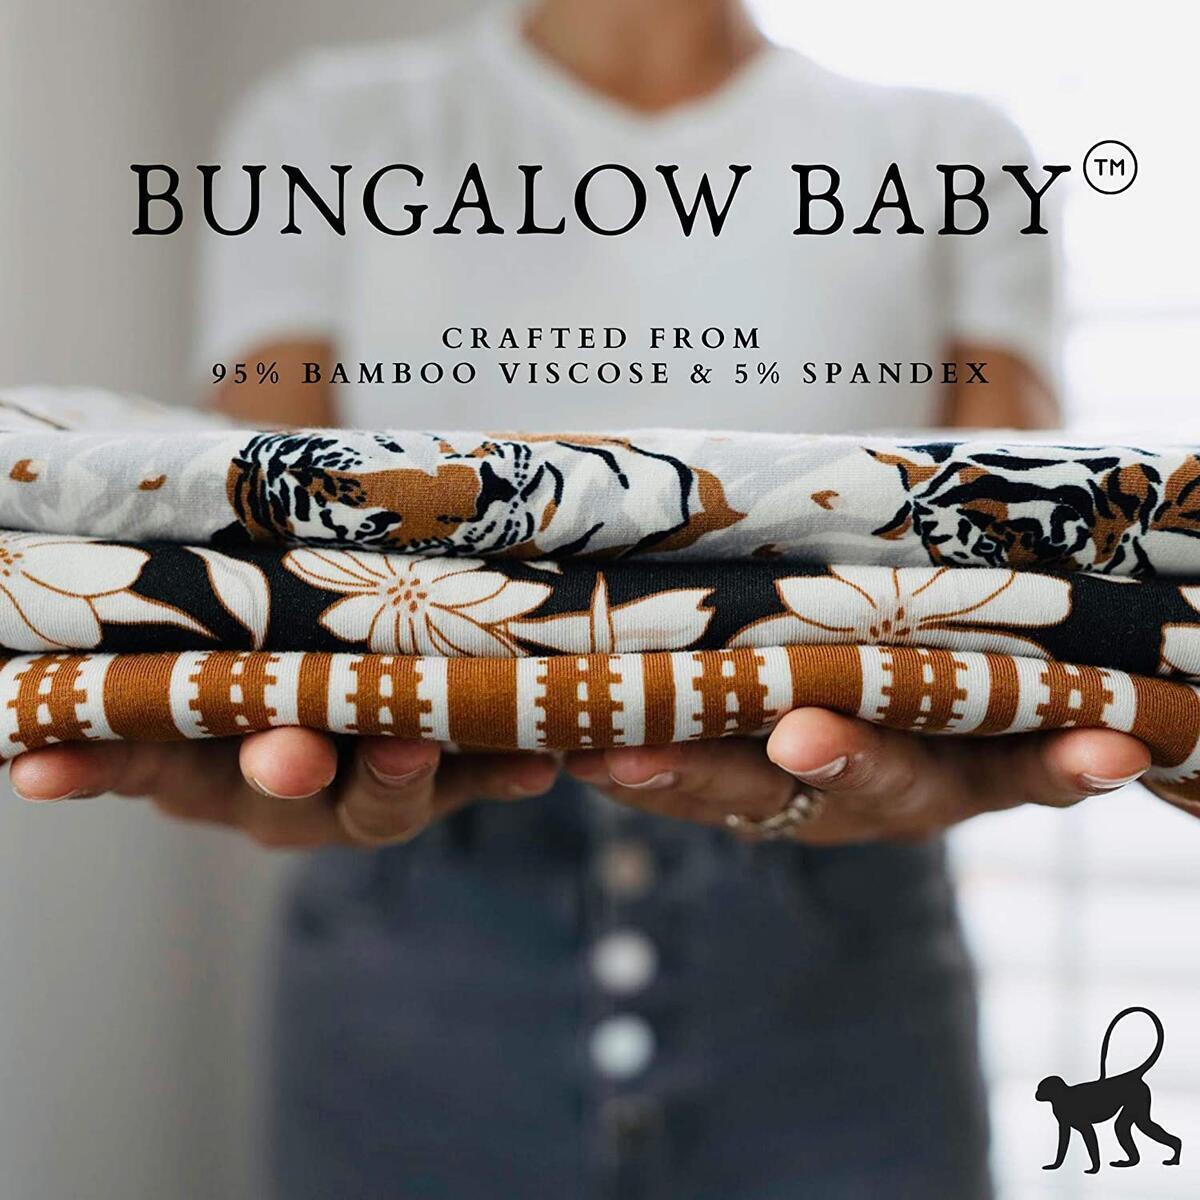 Bungalow Baby Swaddle Set - Premium Bamboo Viscose Baby Swaddle Blanket & Hat Set, Baby Boy, Baby Girl, Unisex, Newborn Swaddle, Baby Wrap, Bamboo Blanket, (Tiger Palm)